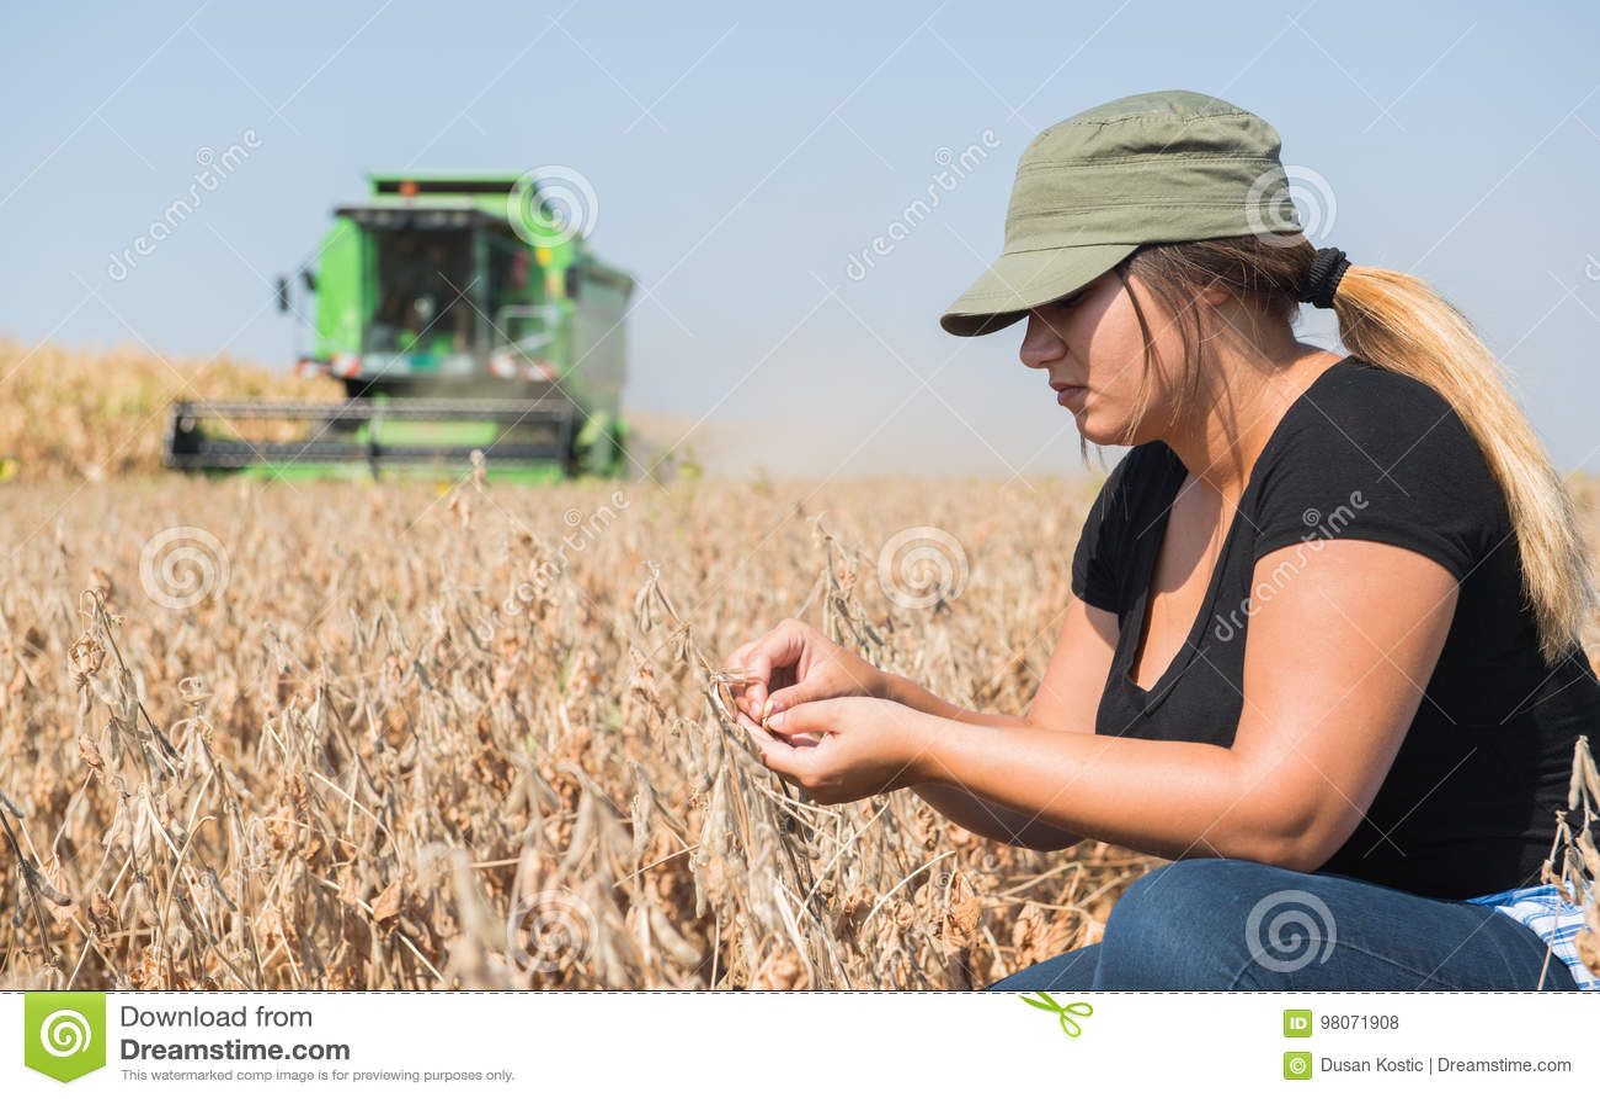 年轻在收获期间的农夫女孩examing的大豆植物